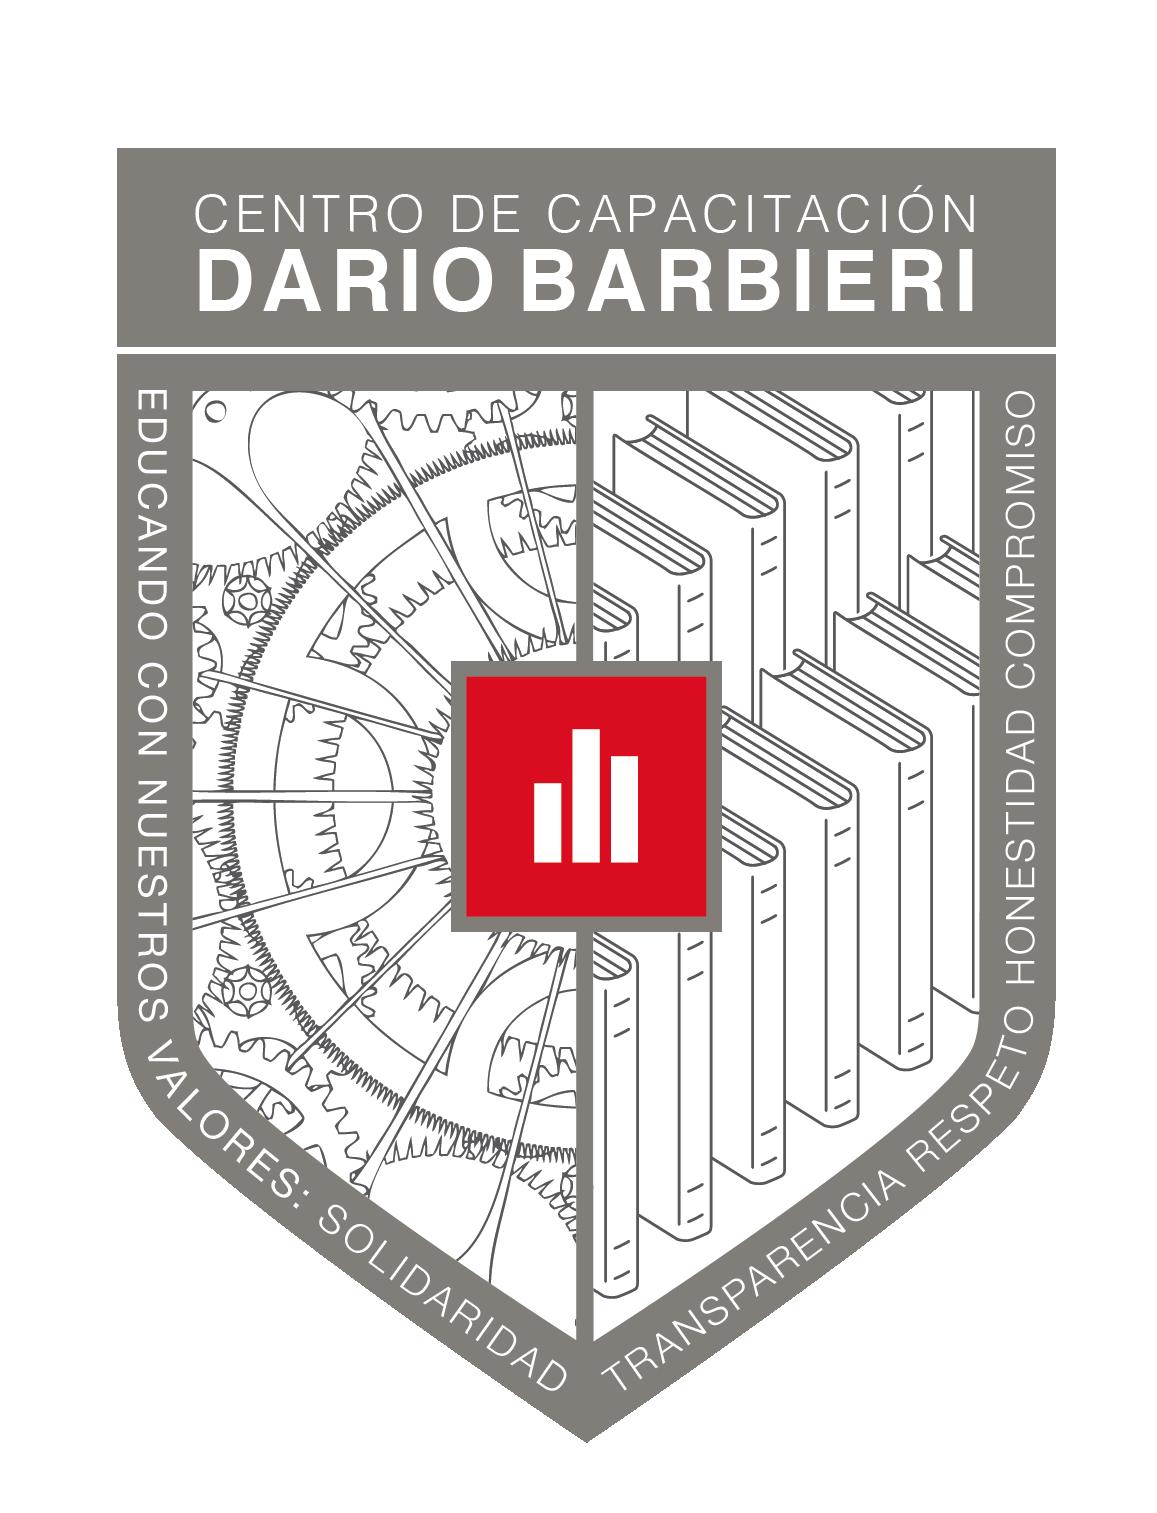 Centro de capacitación Dario Barbieri